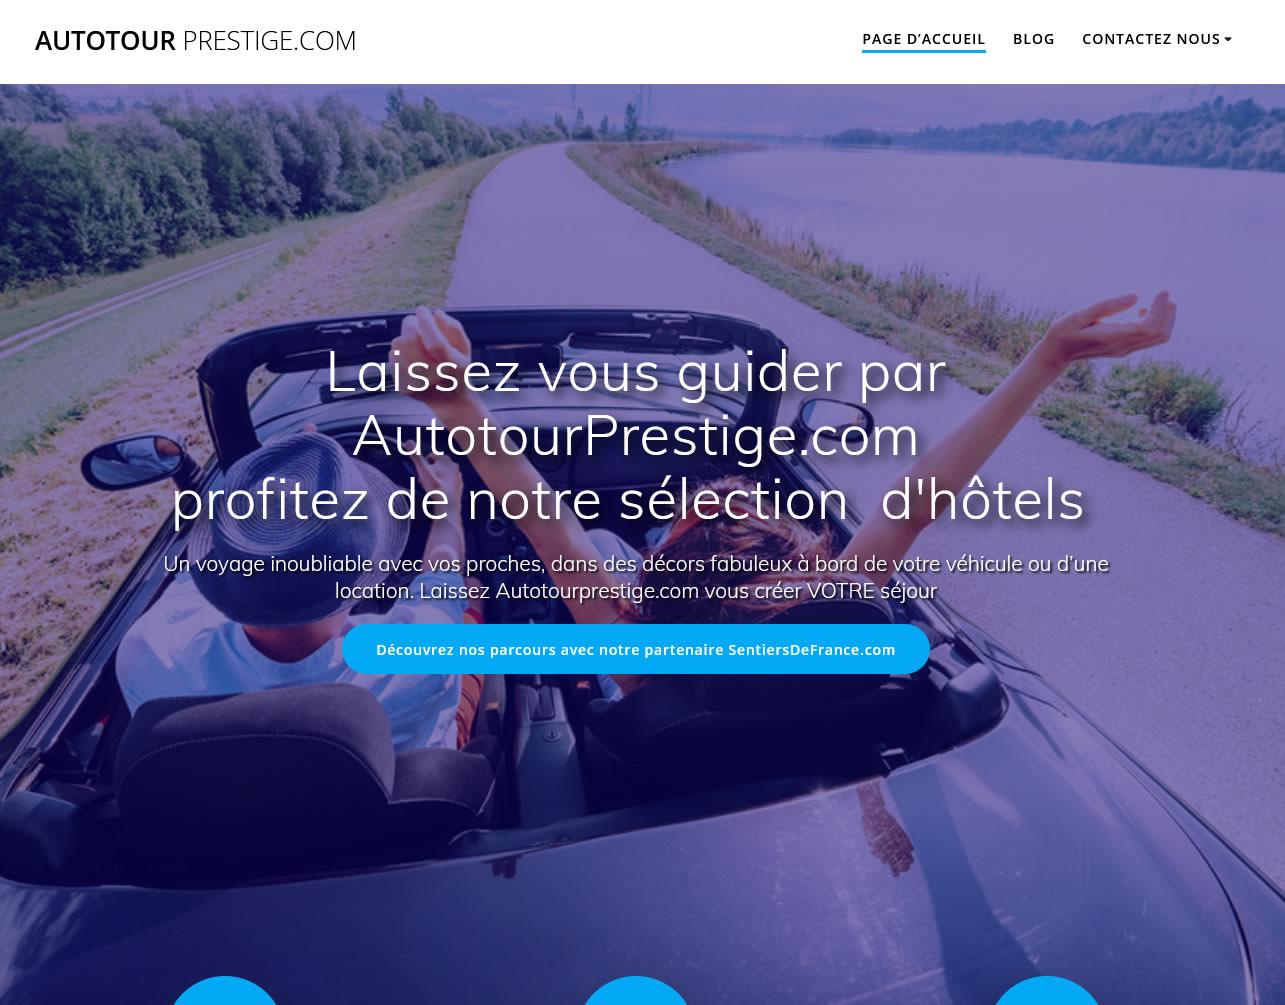 Autotours en amoureux avec  Autotour Prestige.com